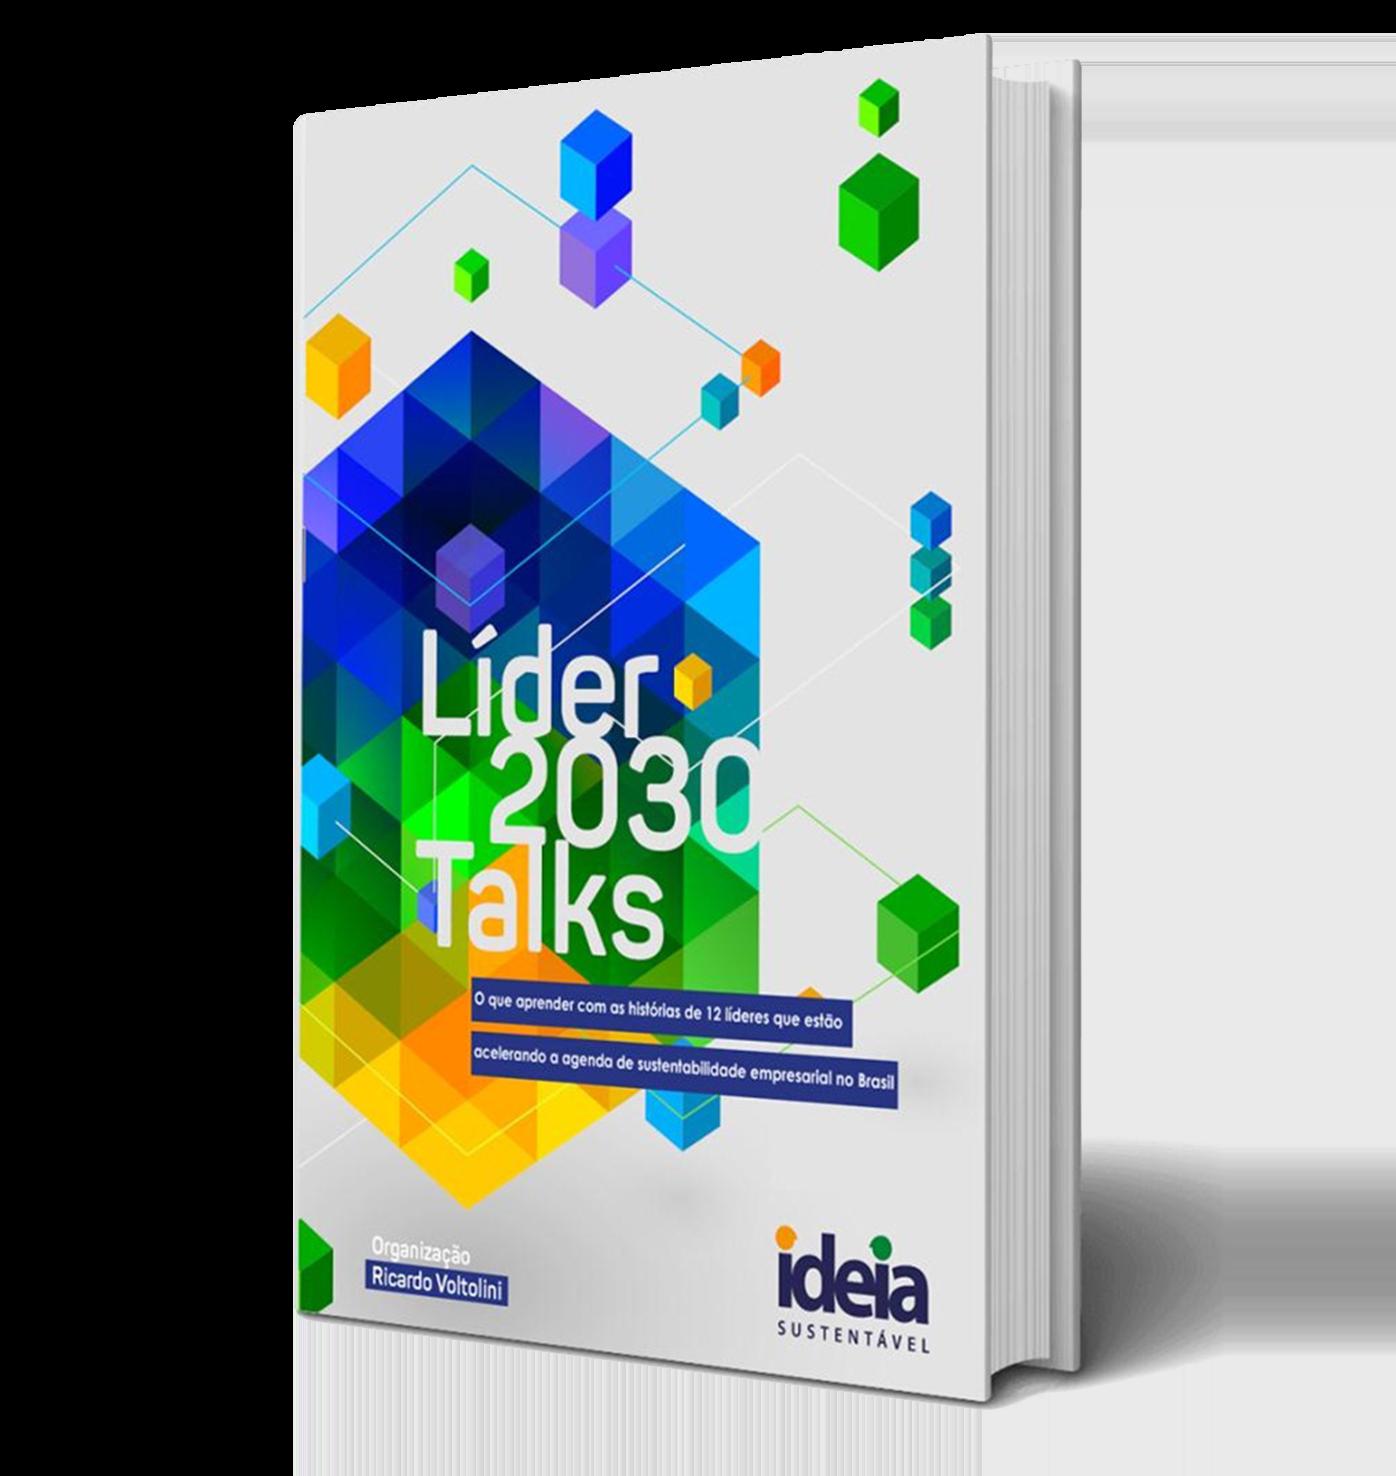 Líder 2030 Talks - O que aprender com as histórias de 12 líderes que estão acelerando a agenda de sustentabilidade empresarial no Brasil